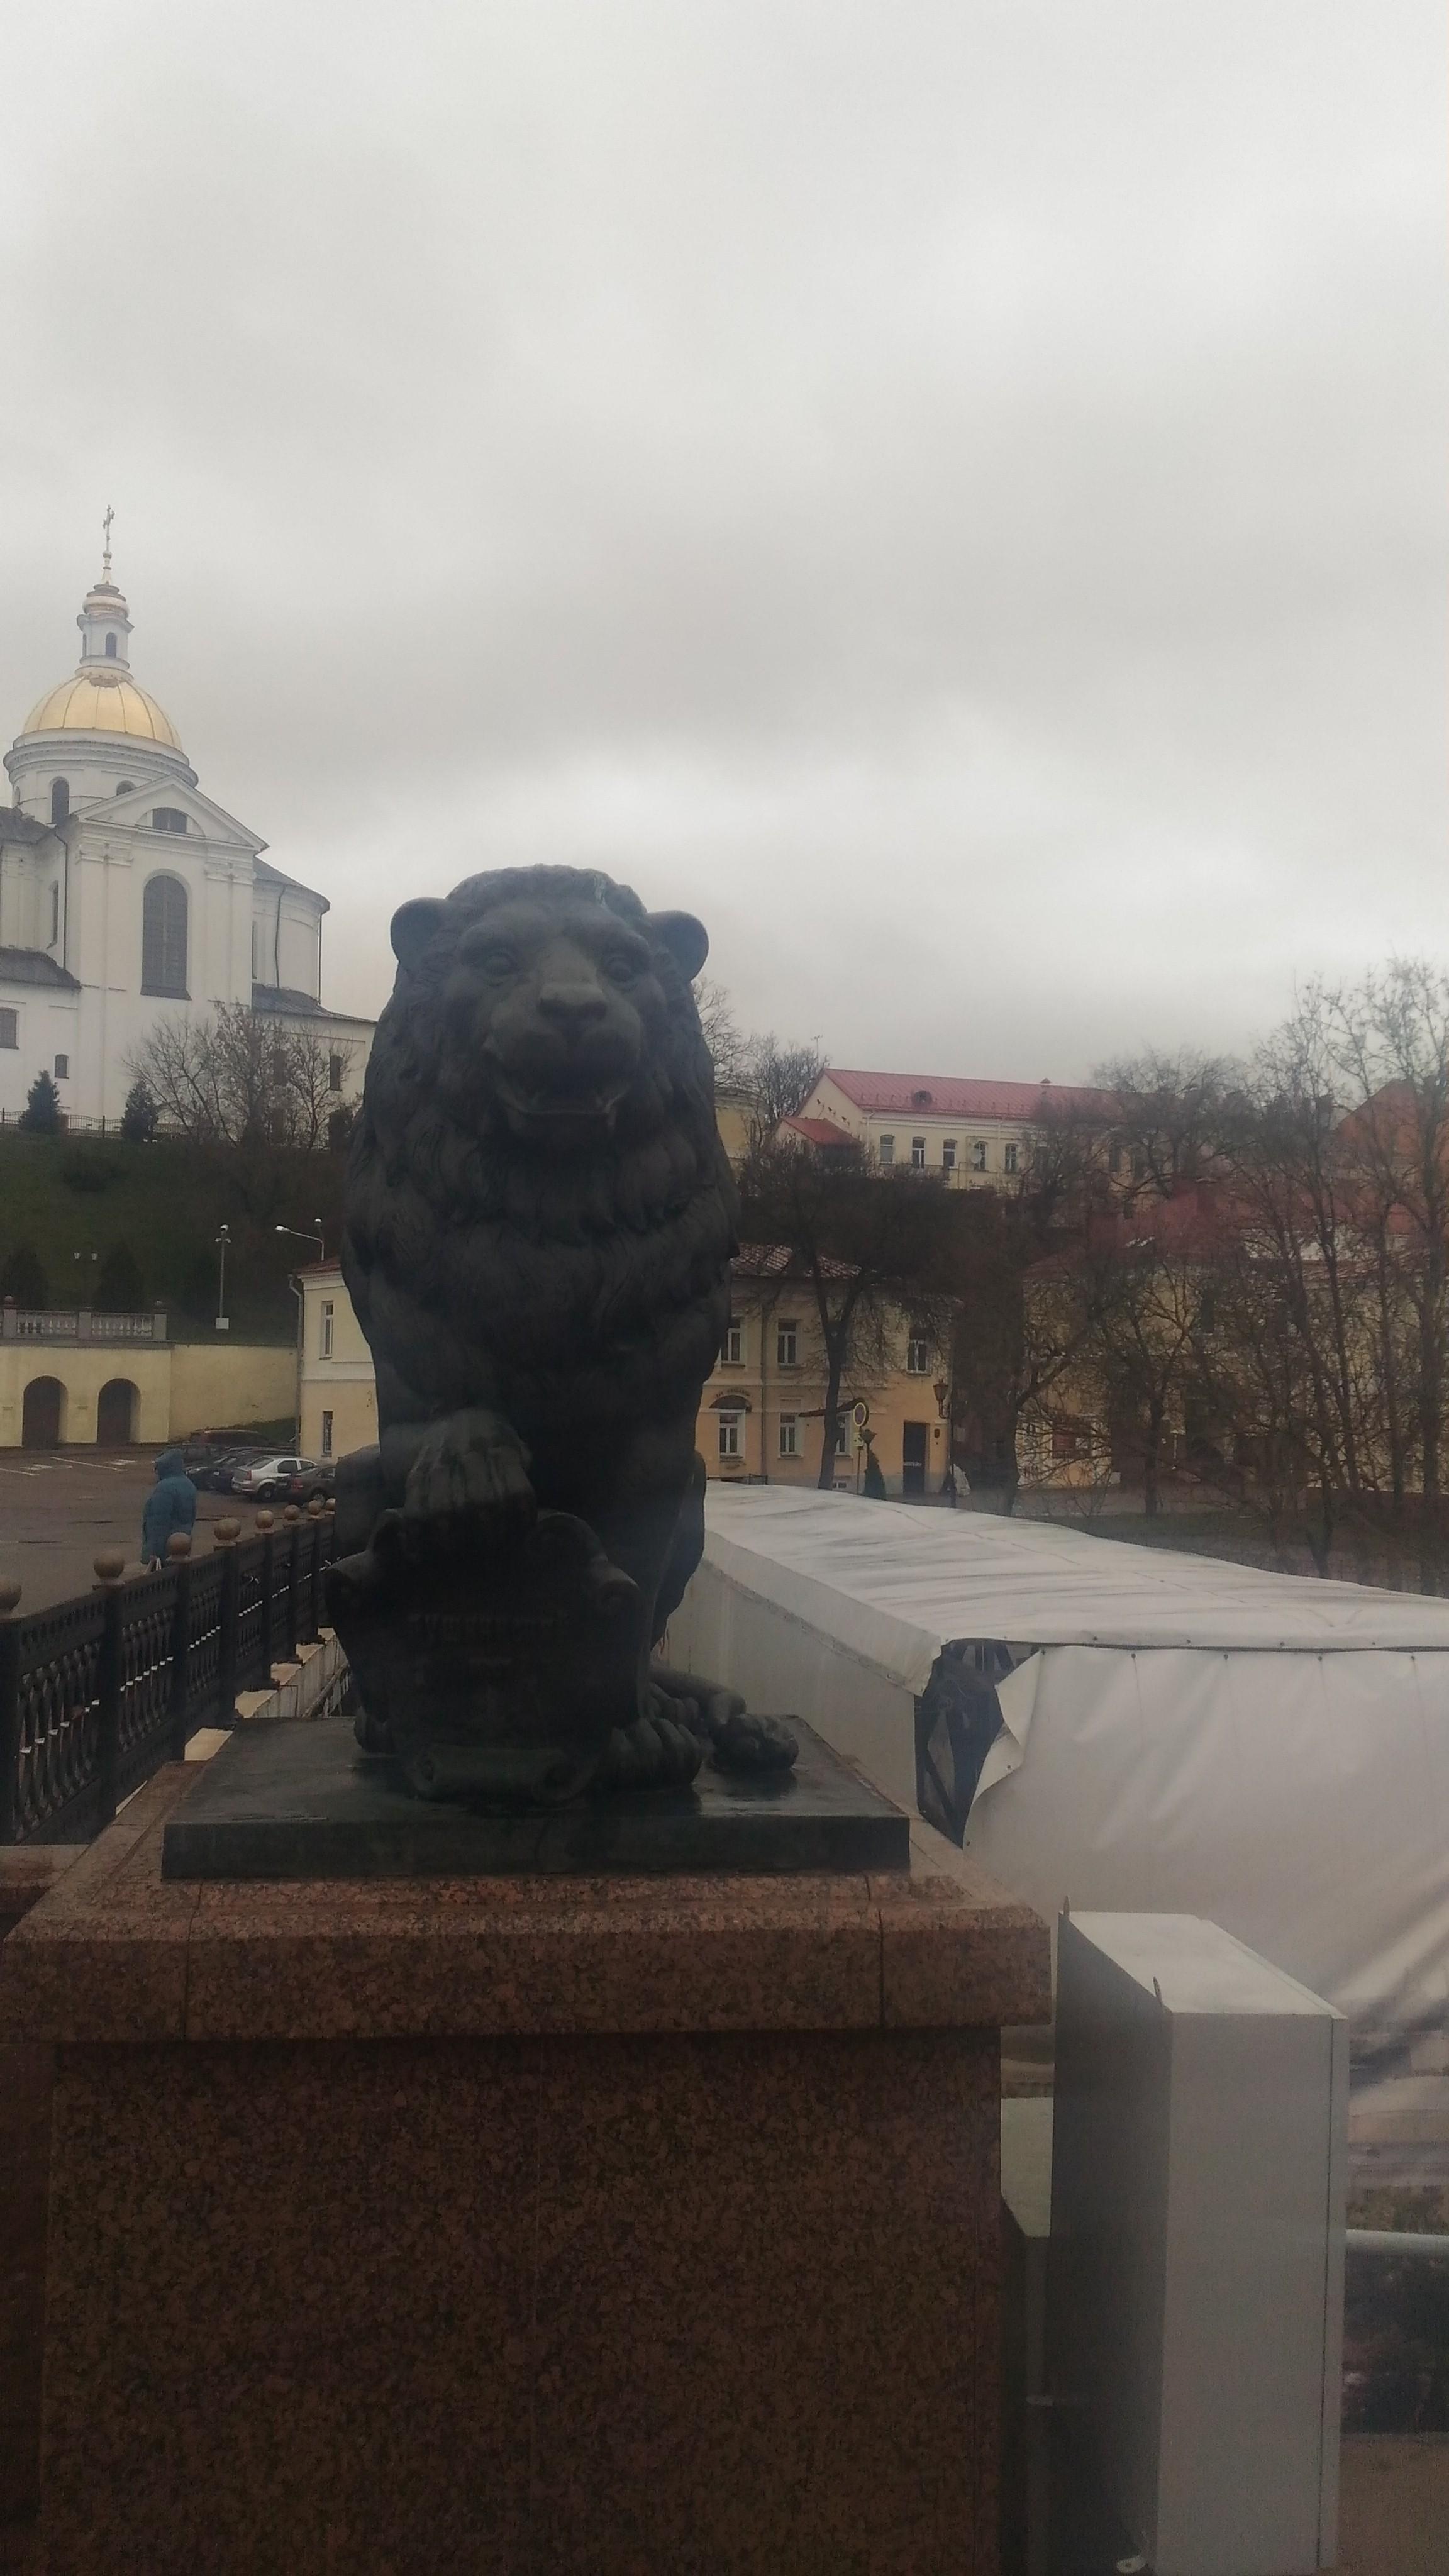 P 20191109 103158 1 - Скульптуры львов на Пушкинском мосту в Витебске